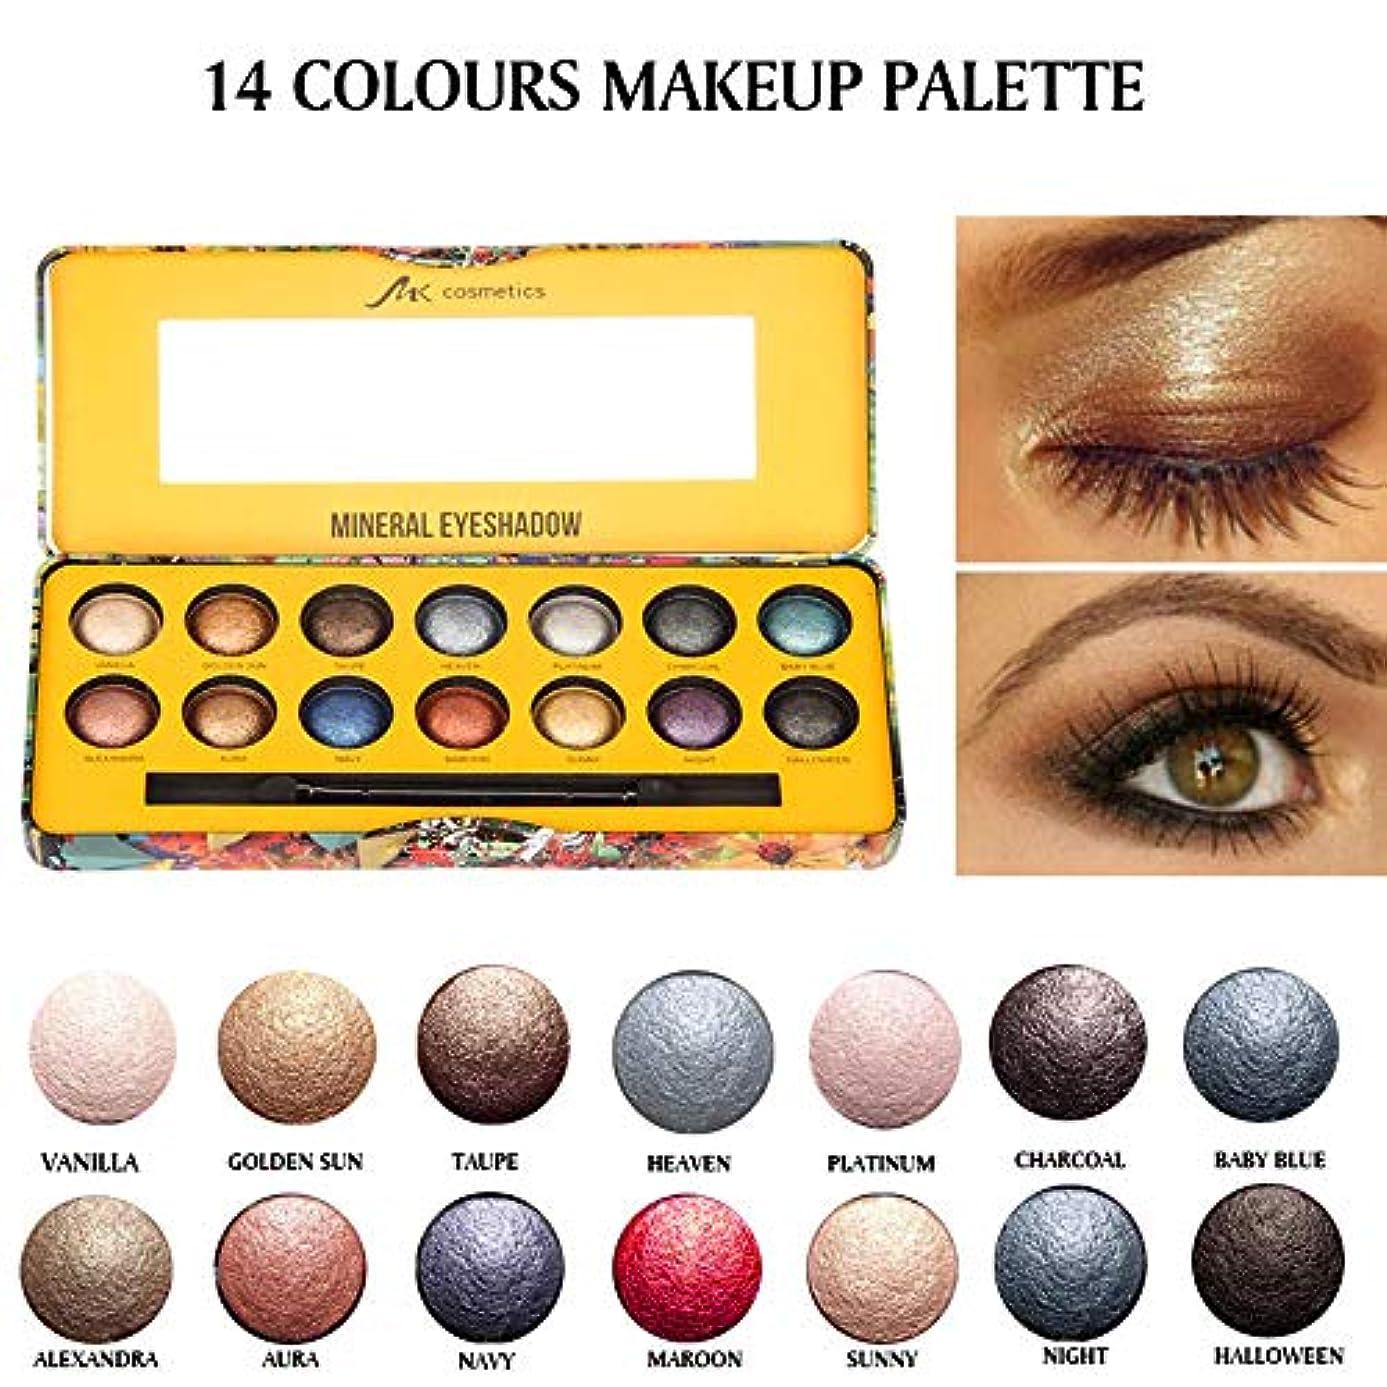 予測する取り出すくしゃくしゃAkane アイシャドウパレット MK 綺麗 人気 気質的 黄色 真珠光沢 ファッション 防水 チャーム イエロー 魅力的 マット つや消し 長持ち おしゃれ 持ち便利 Eye Shadow (14色) 8292